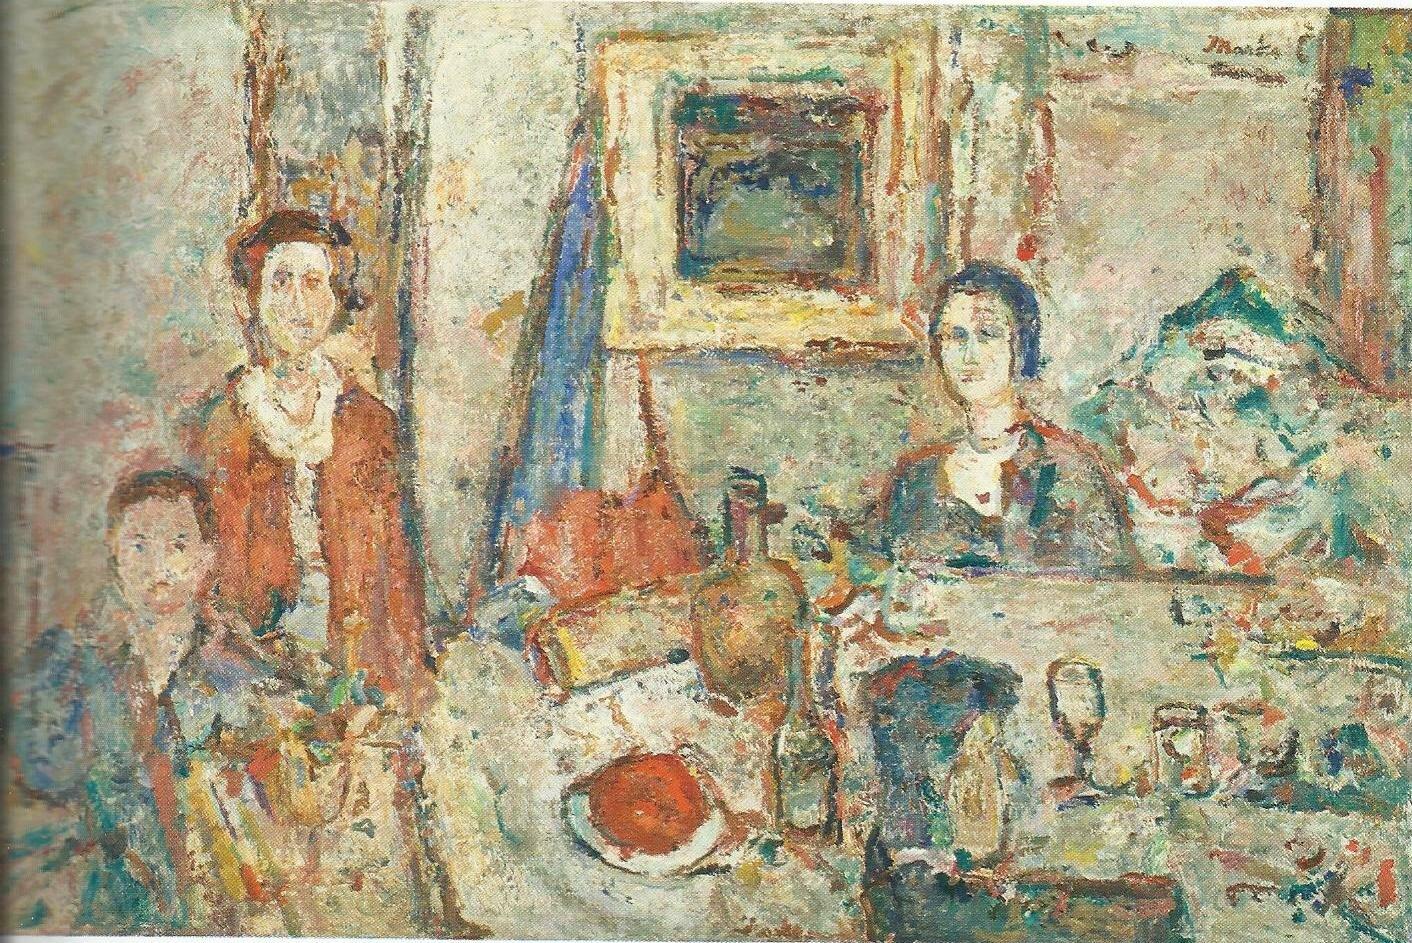 Porodica, ulje na platnu, 1982-1984